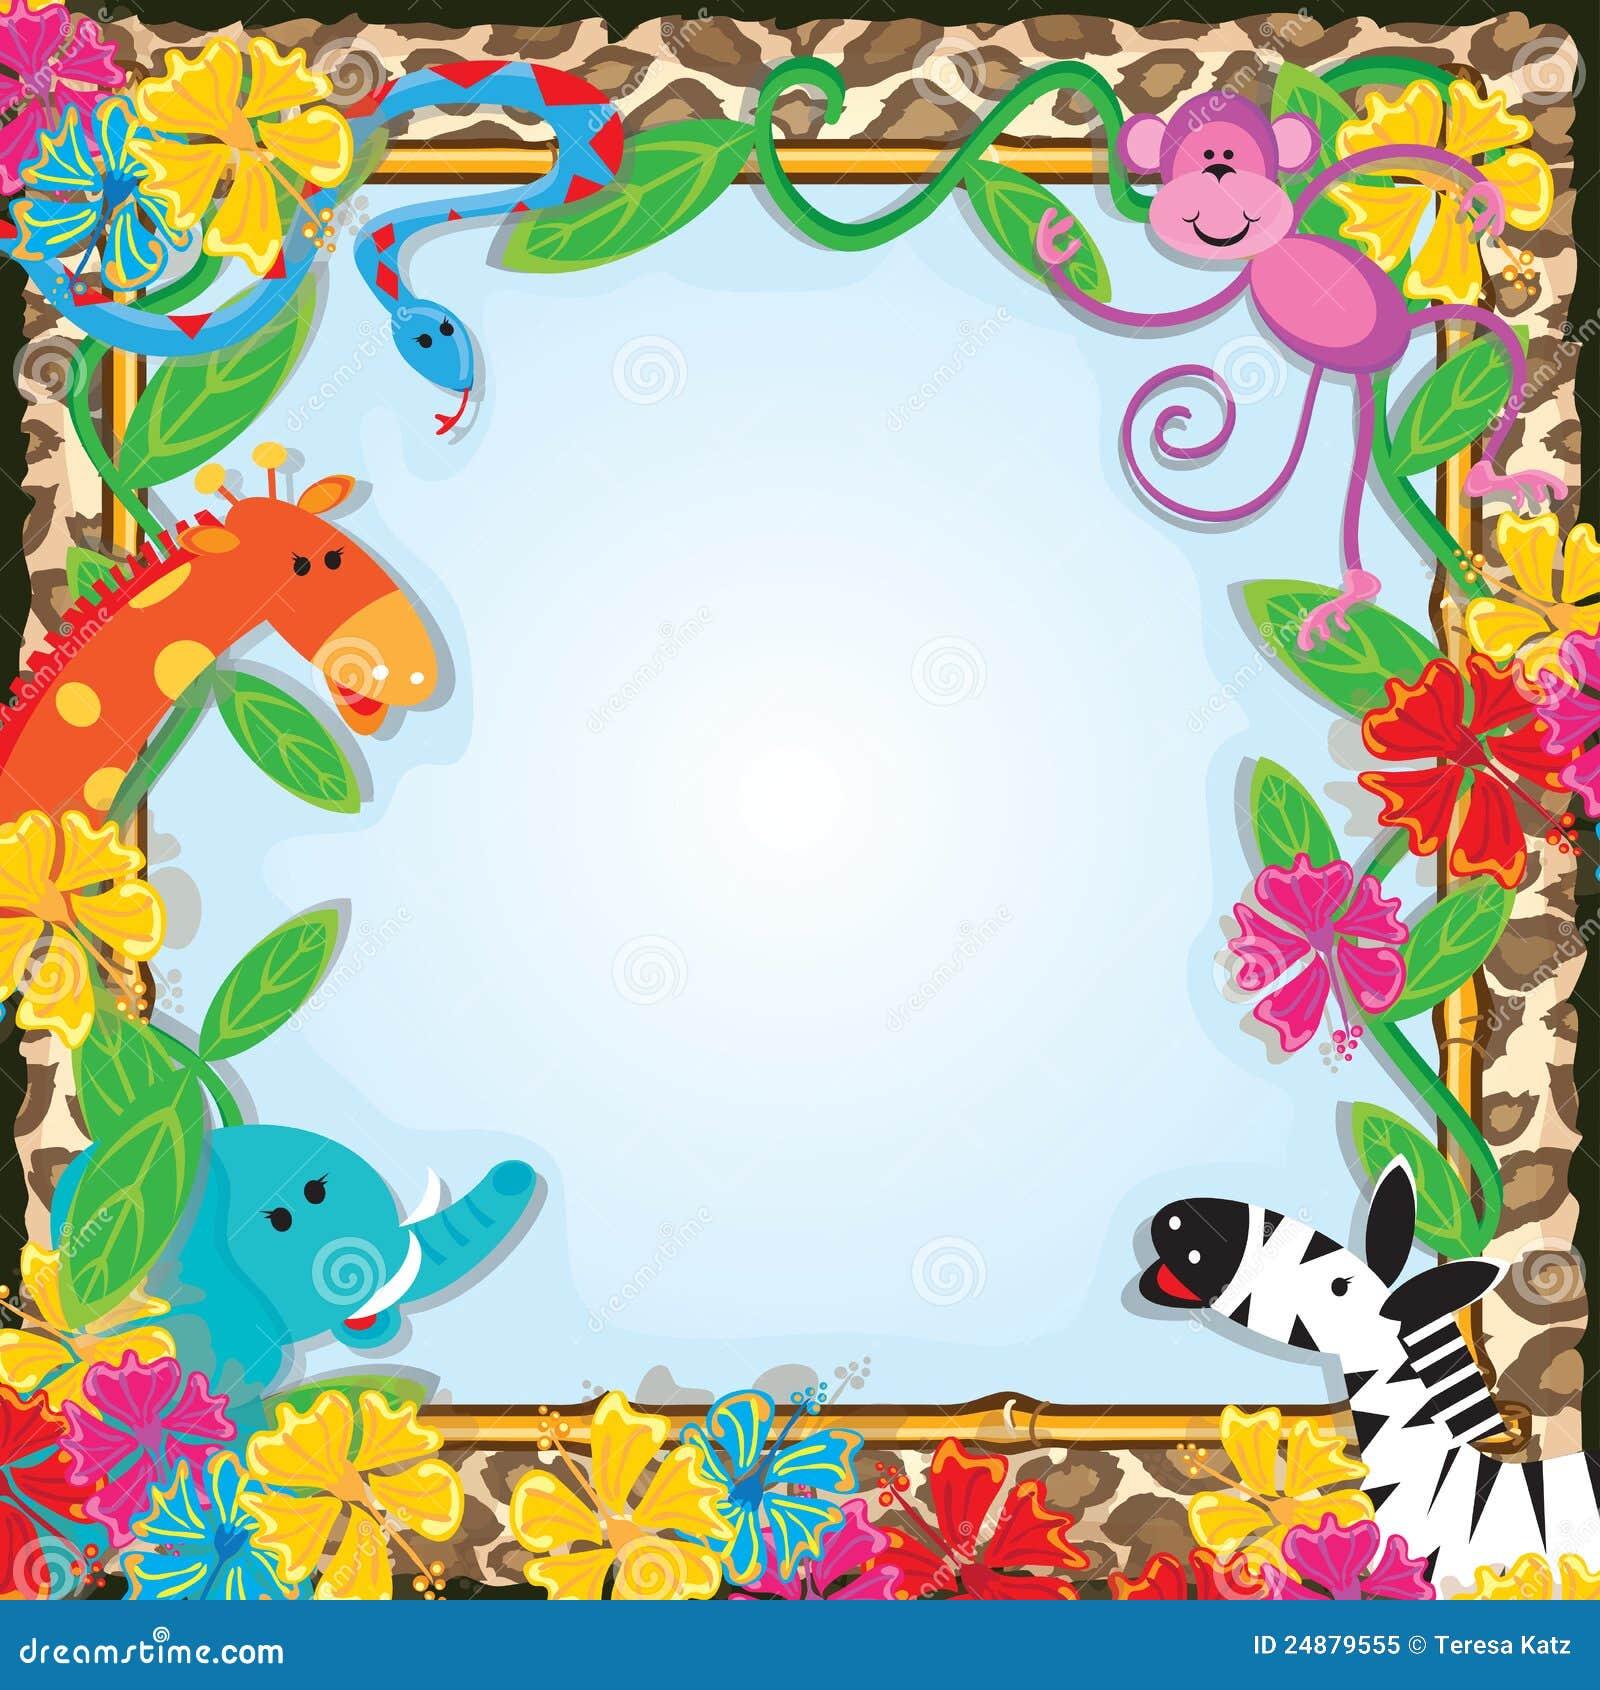 dschungel-zoo-party-einladung lizenzfreies stockfoto - bild: 24879555, Einladung